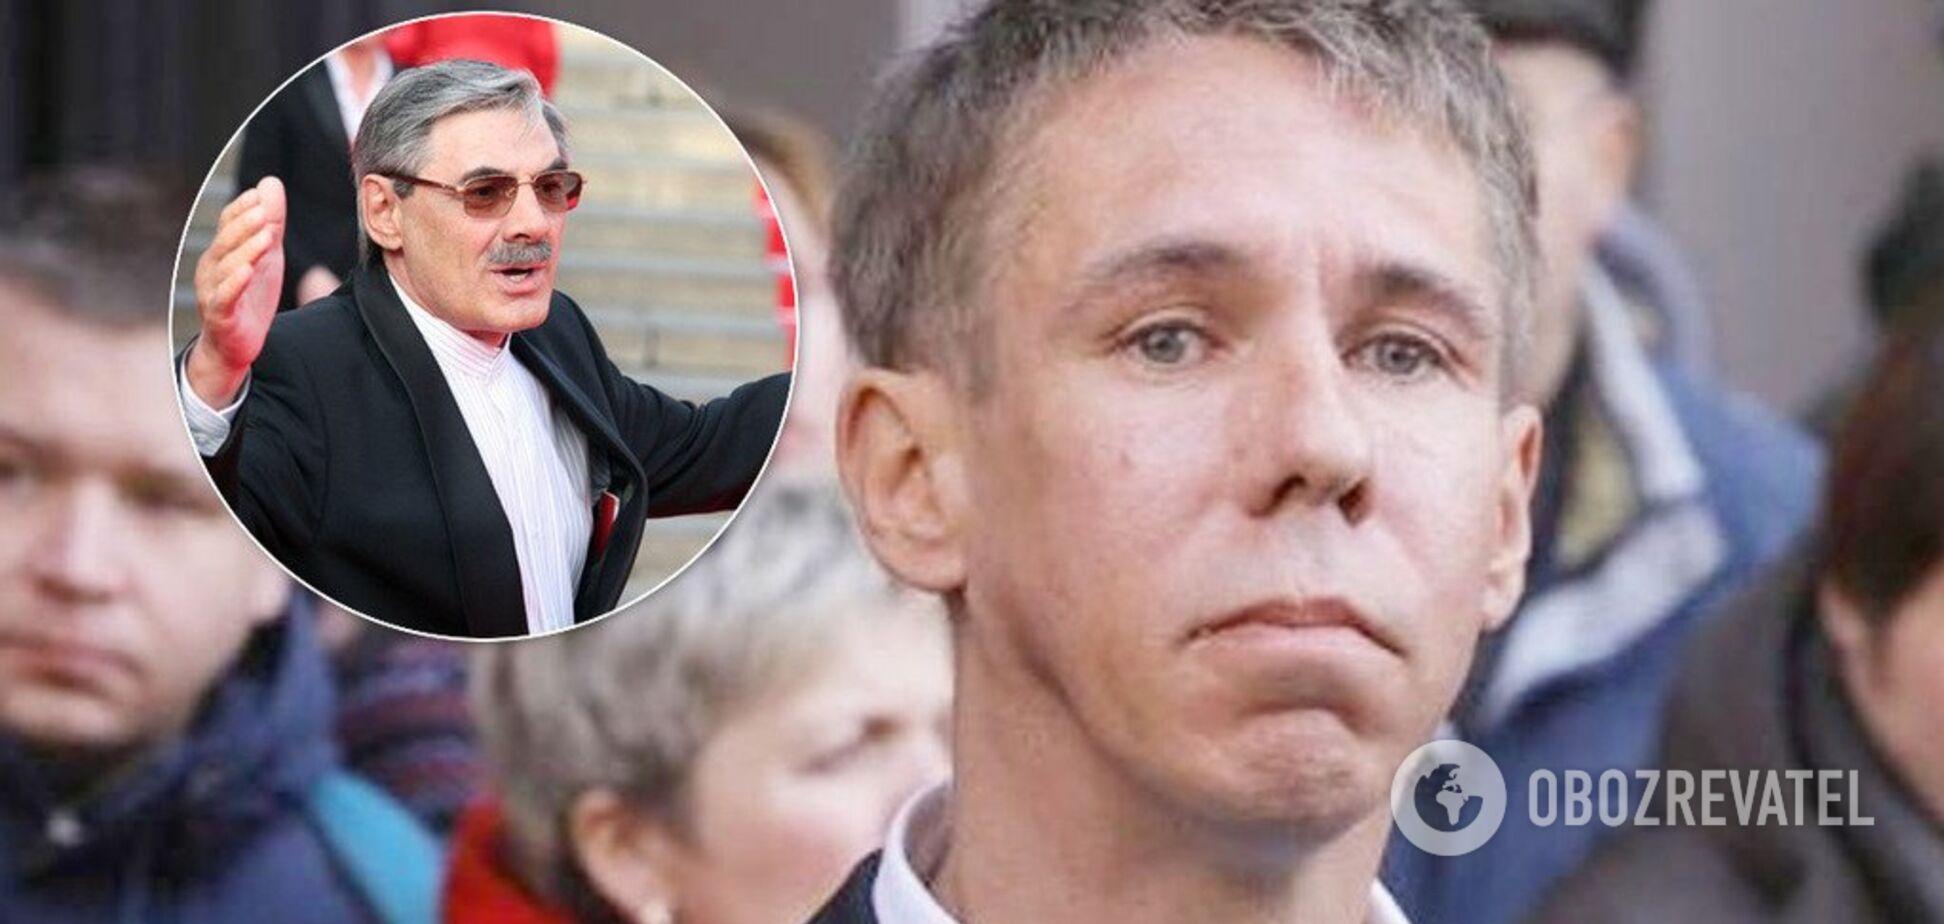 'Вы опять врете!' Панин влез в скандал с фанатом 'Л/ДНР' Панкратовым-Черным